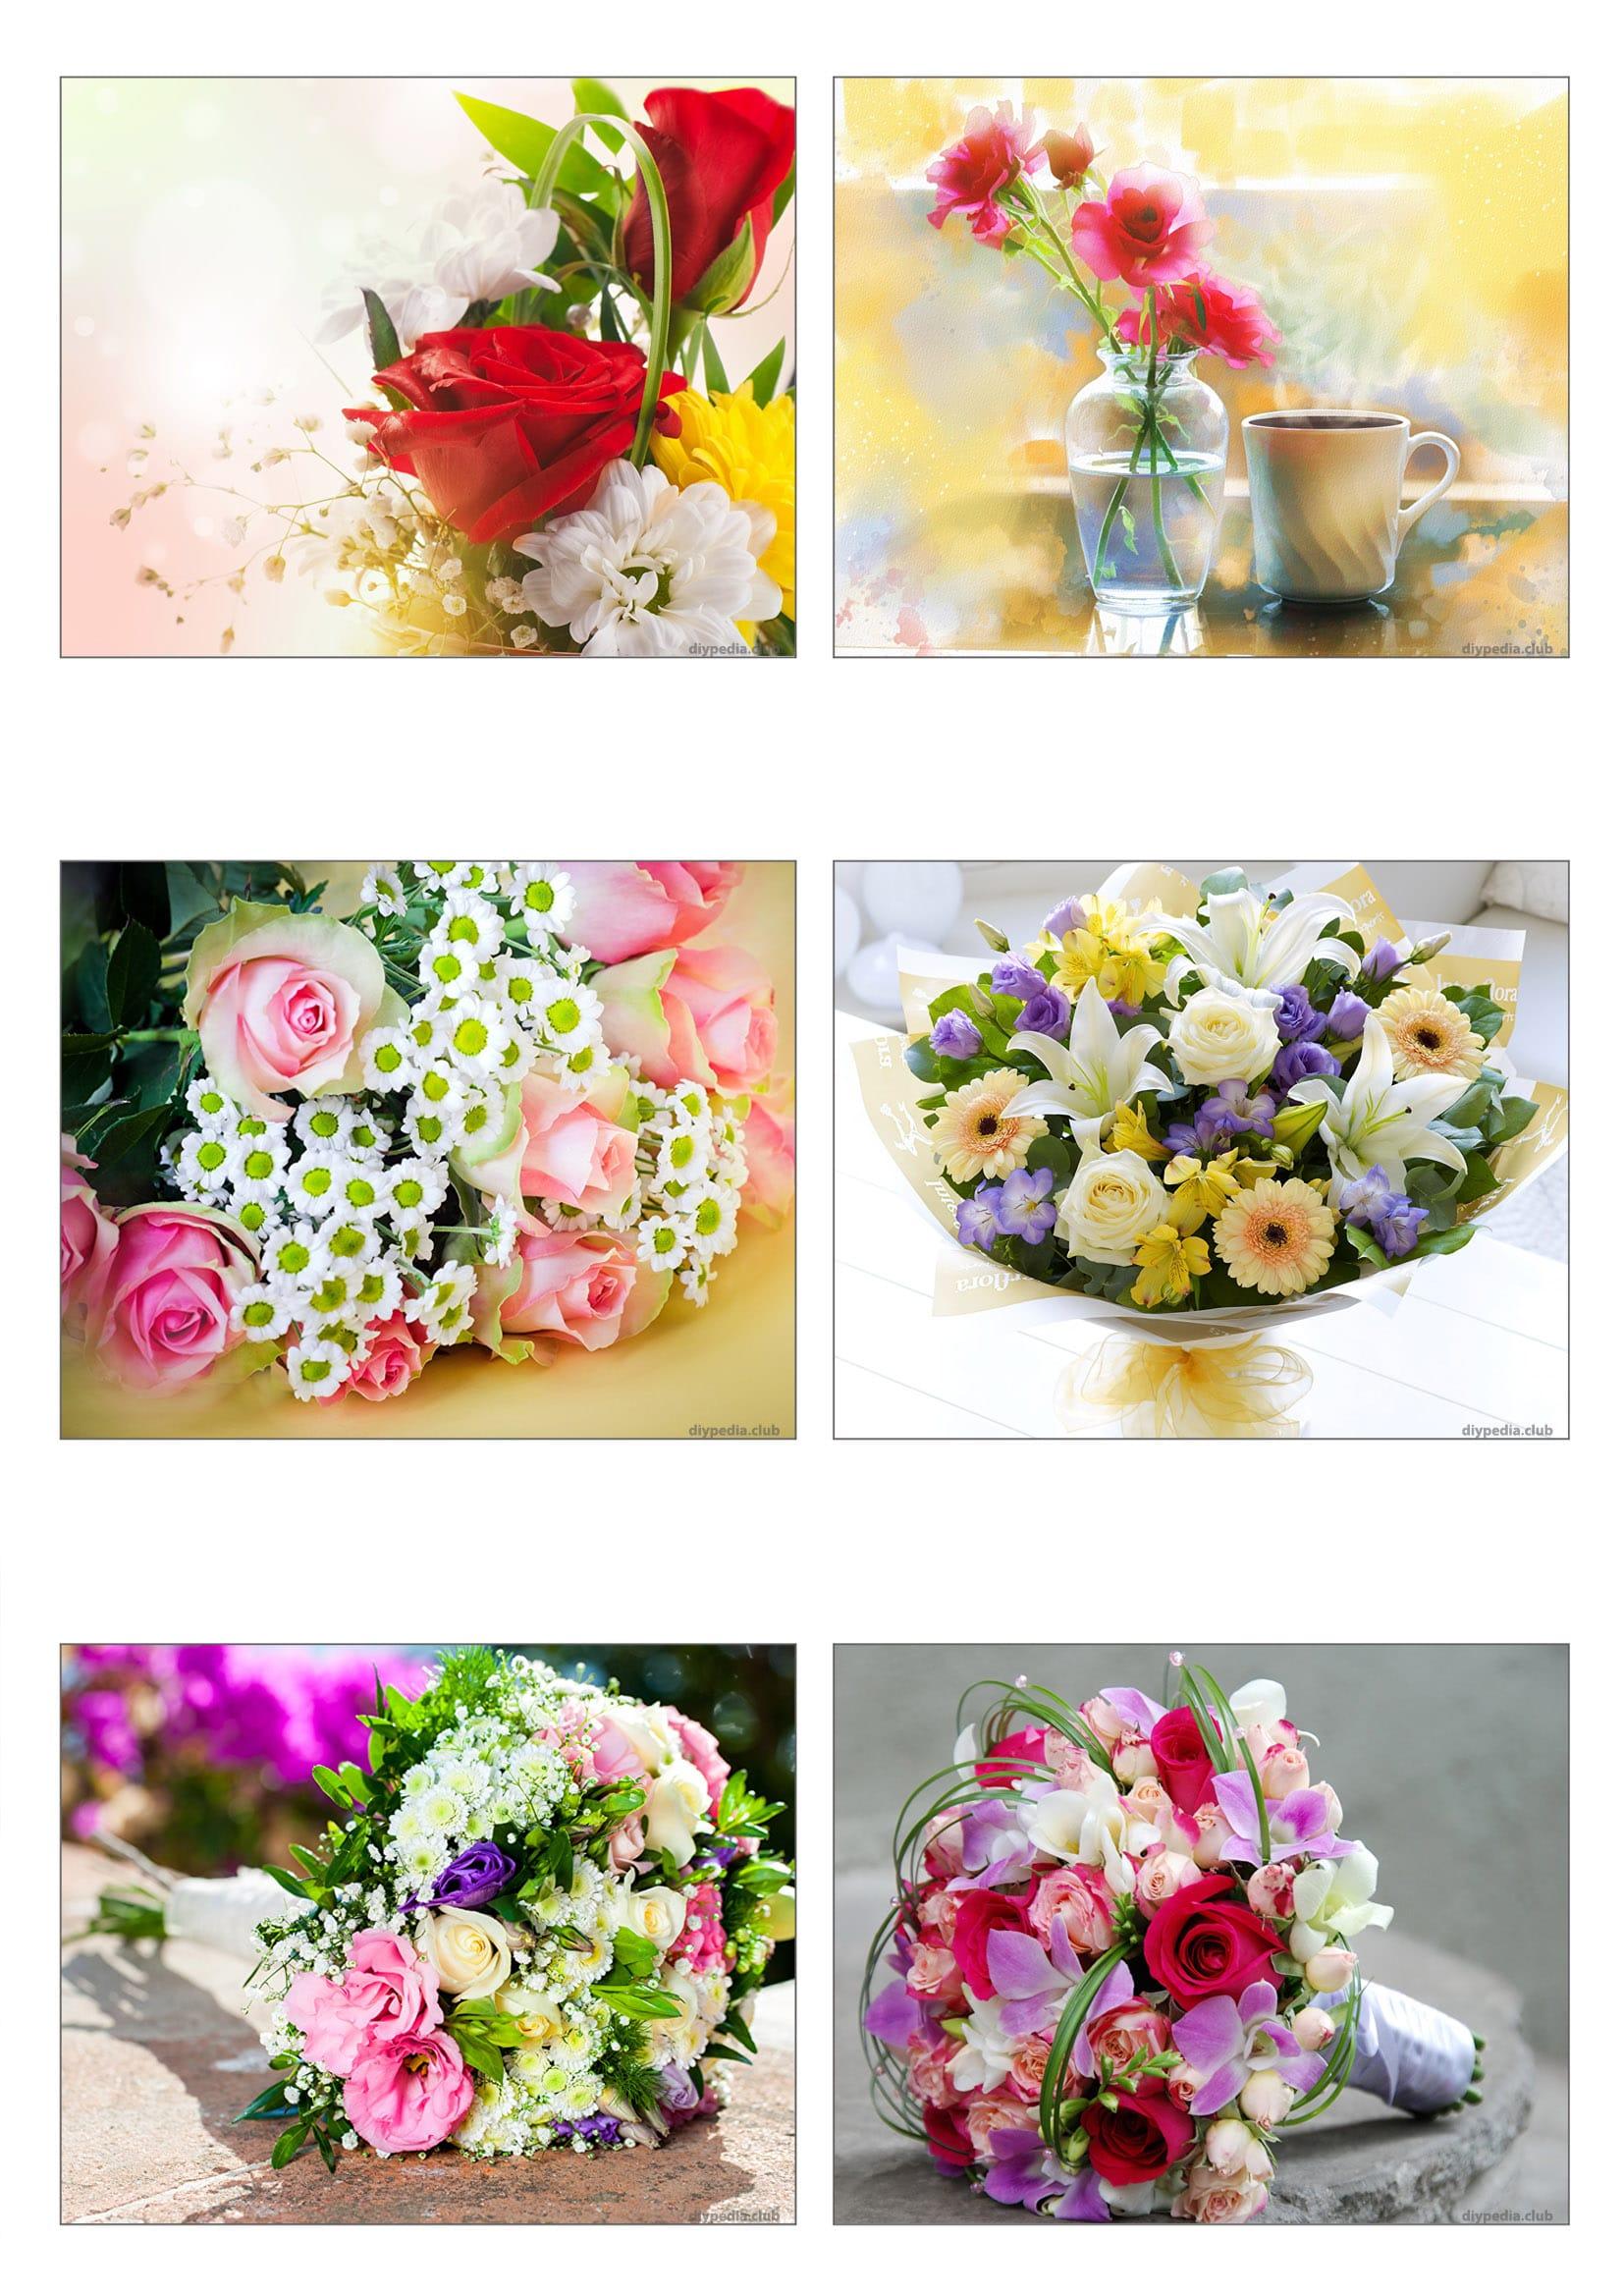 Красивые открытки с цветами без надписей